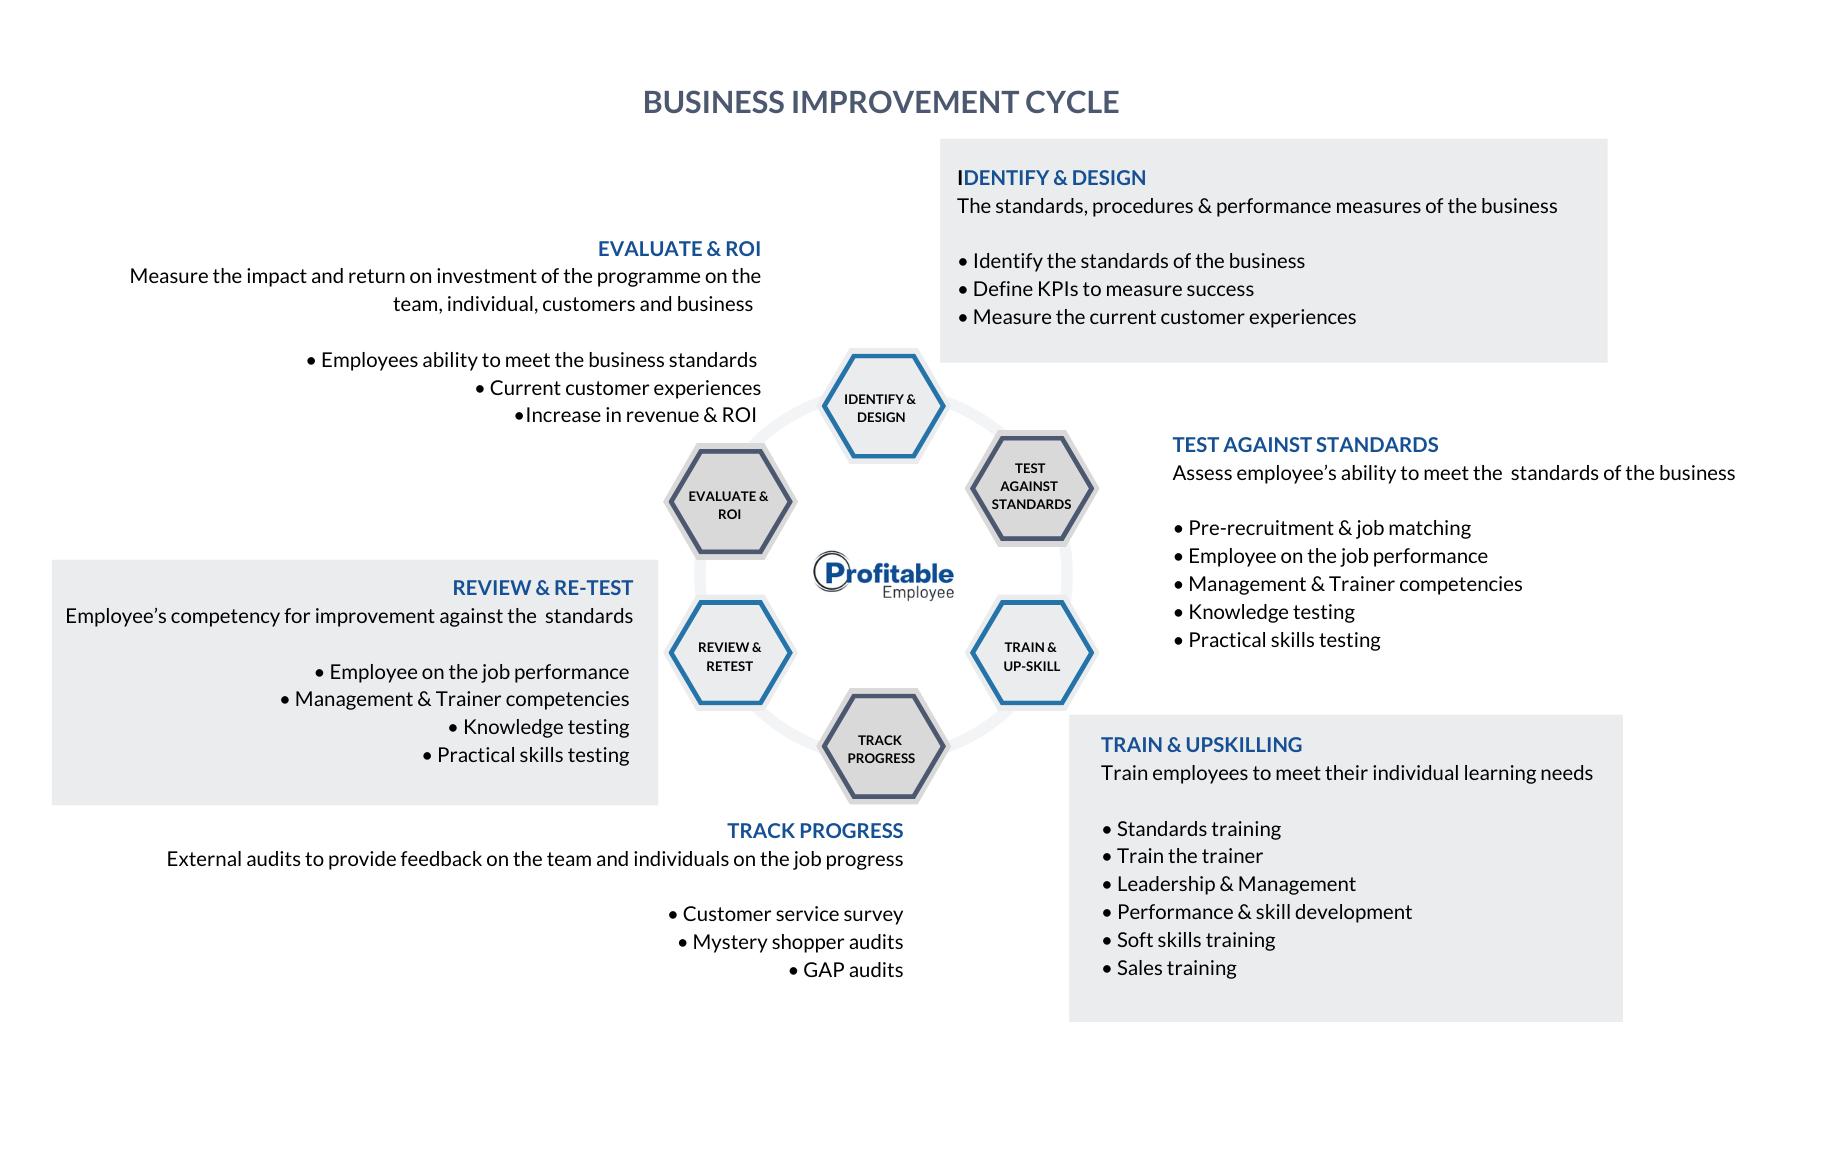 Profitable Employee - Business Improvement Cycle image